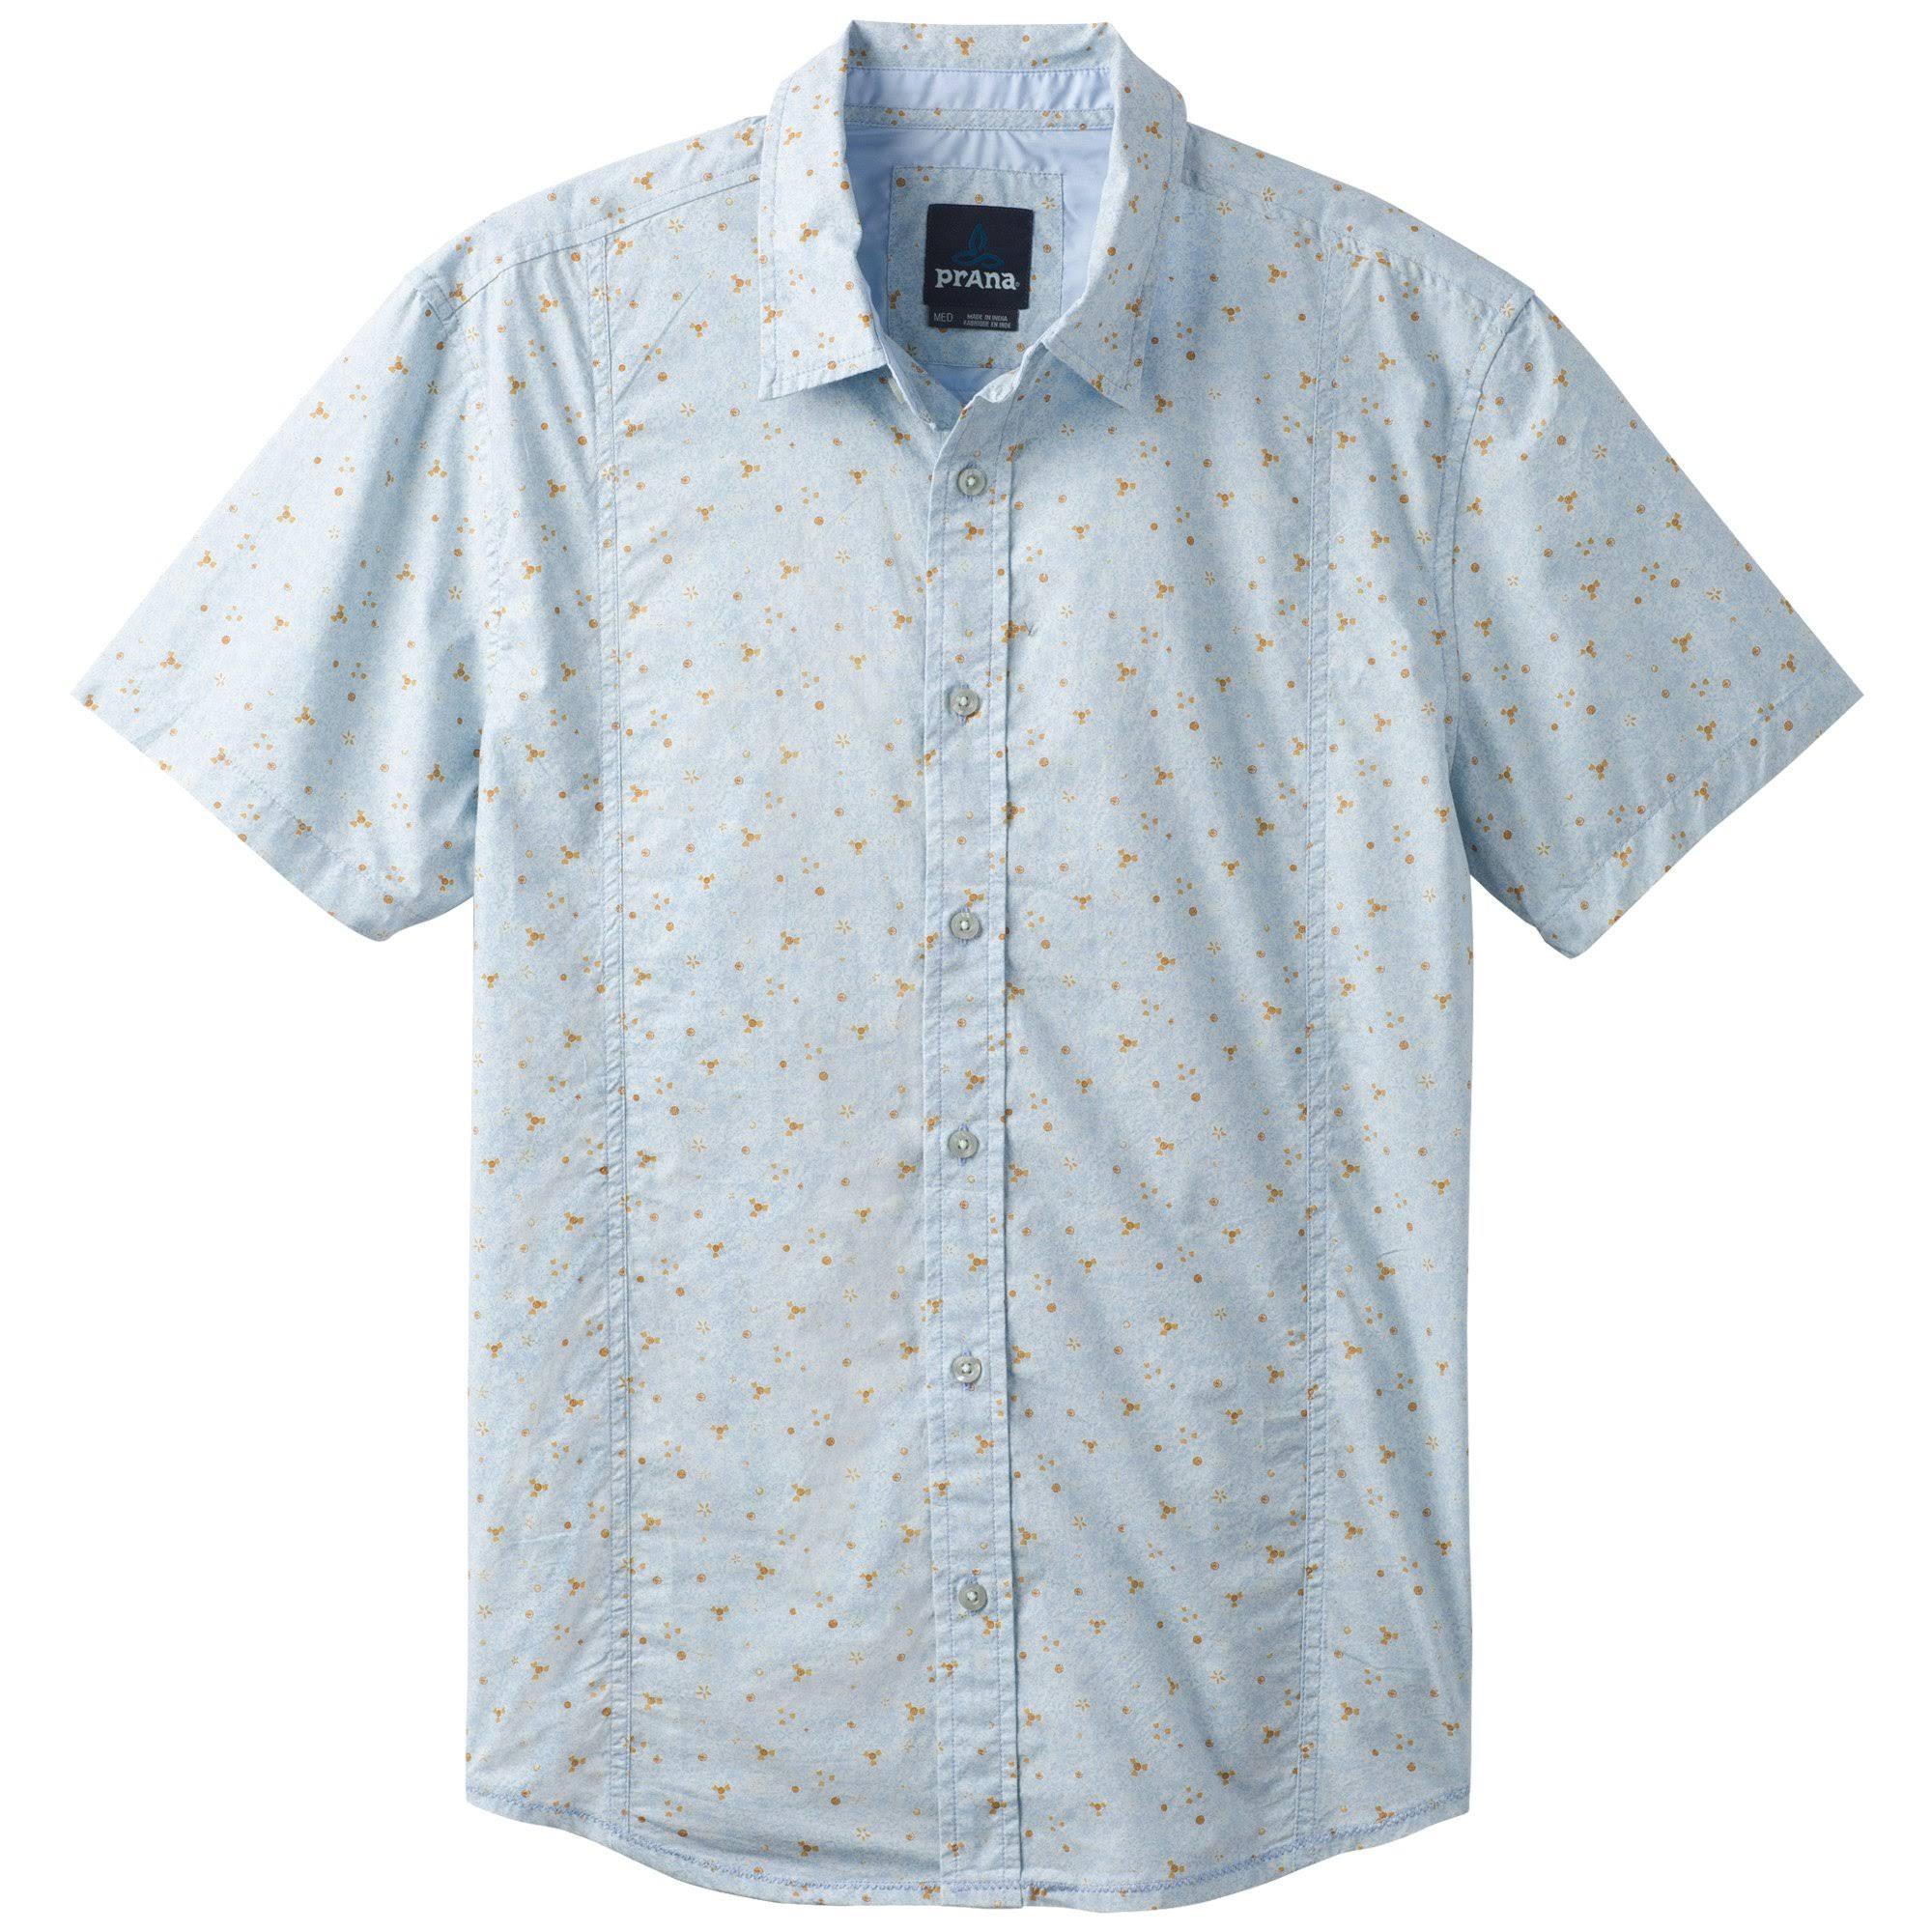 Xxl Radiante Azul Para Camisa Lukas Hombre Prana qYPx8wz